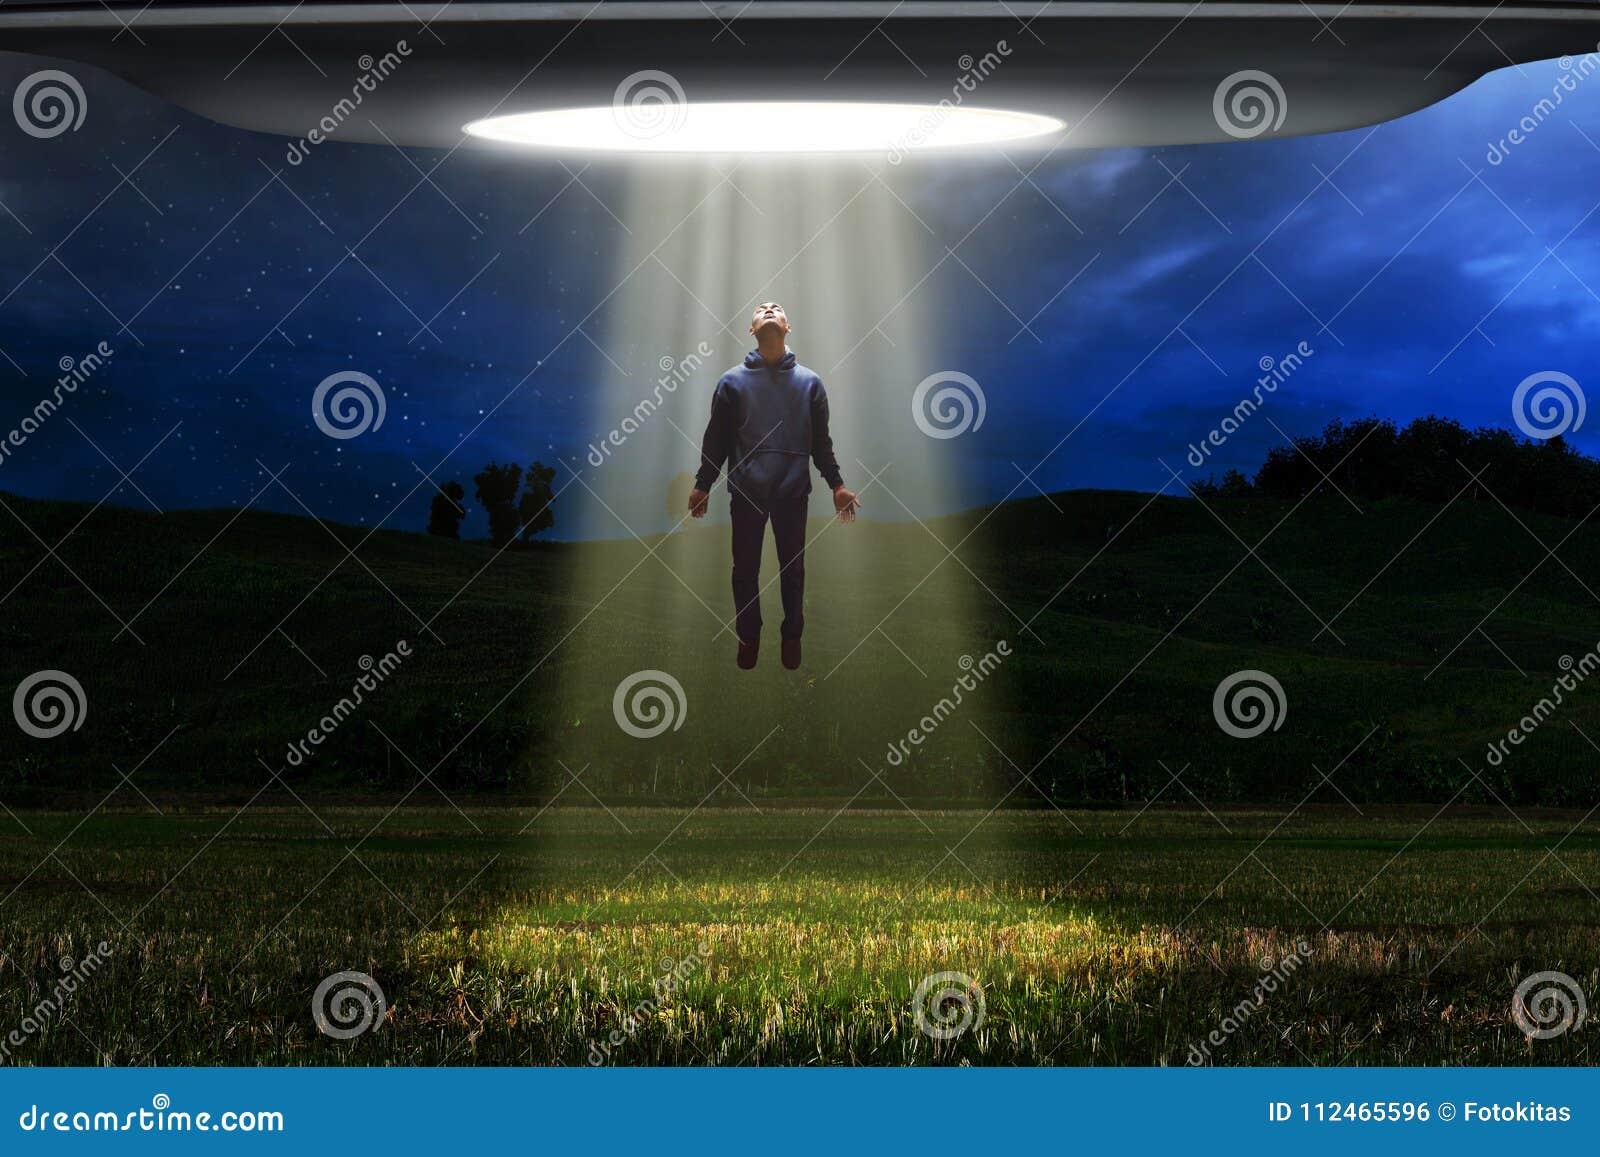 Ausländisches Raumschiff UFO entführen Menschen